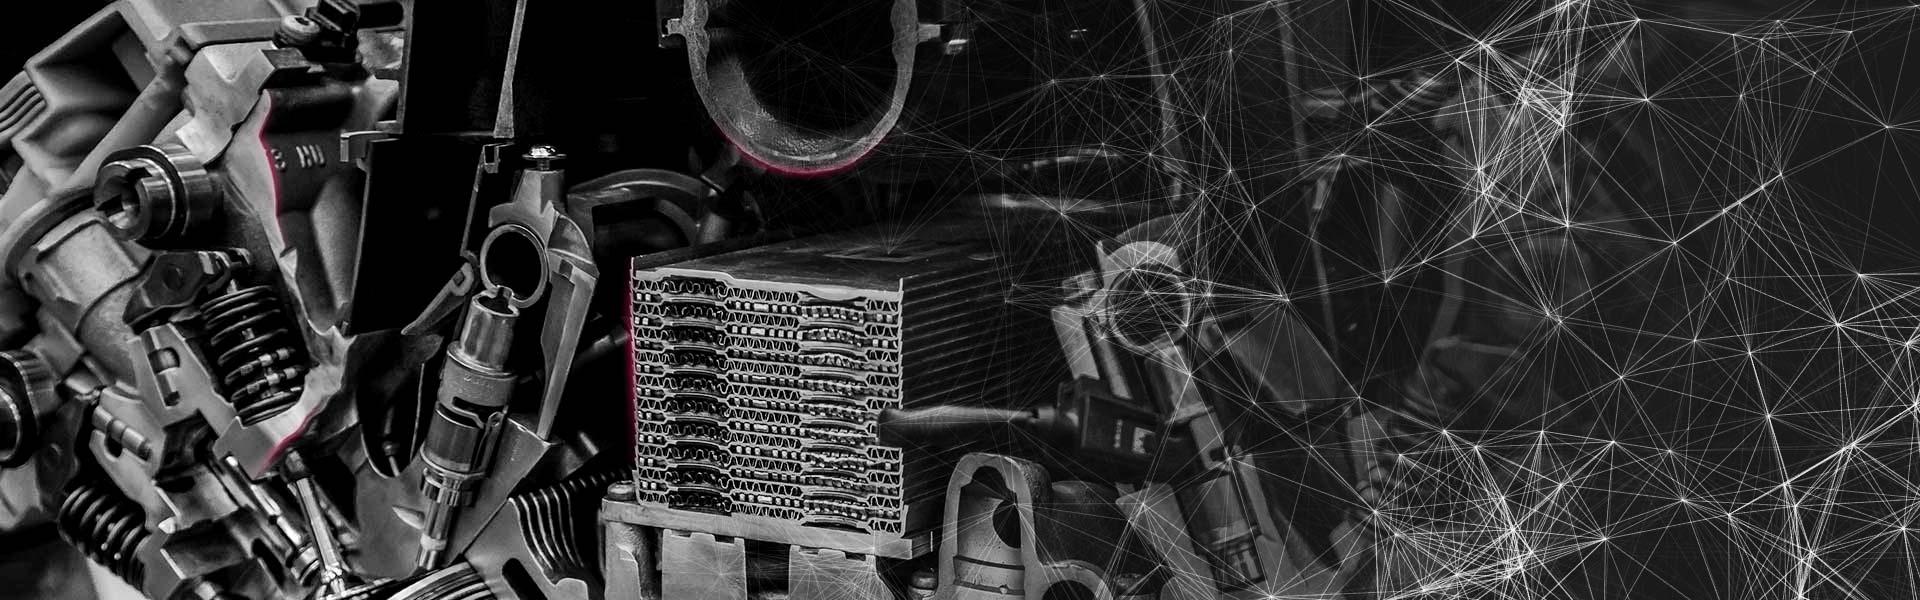 Stahl und Eisen für Fahrzeugindustrie